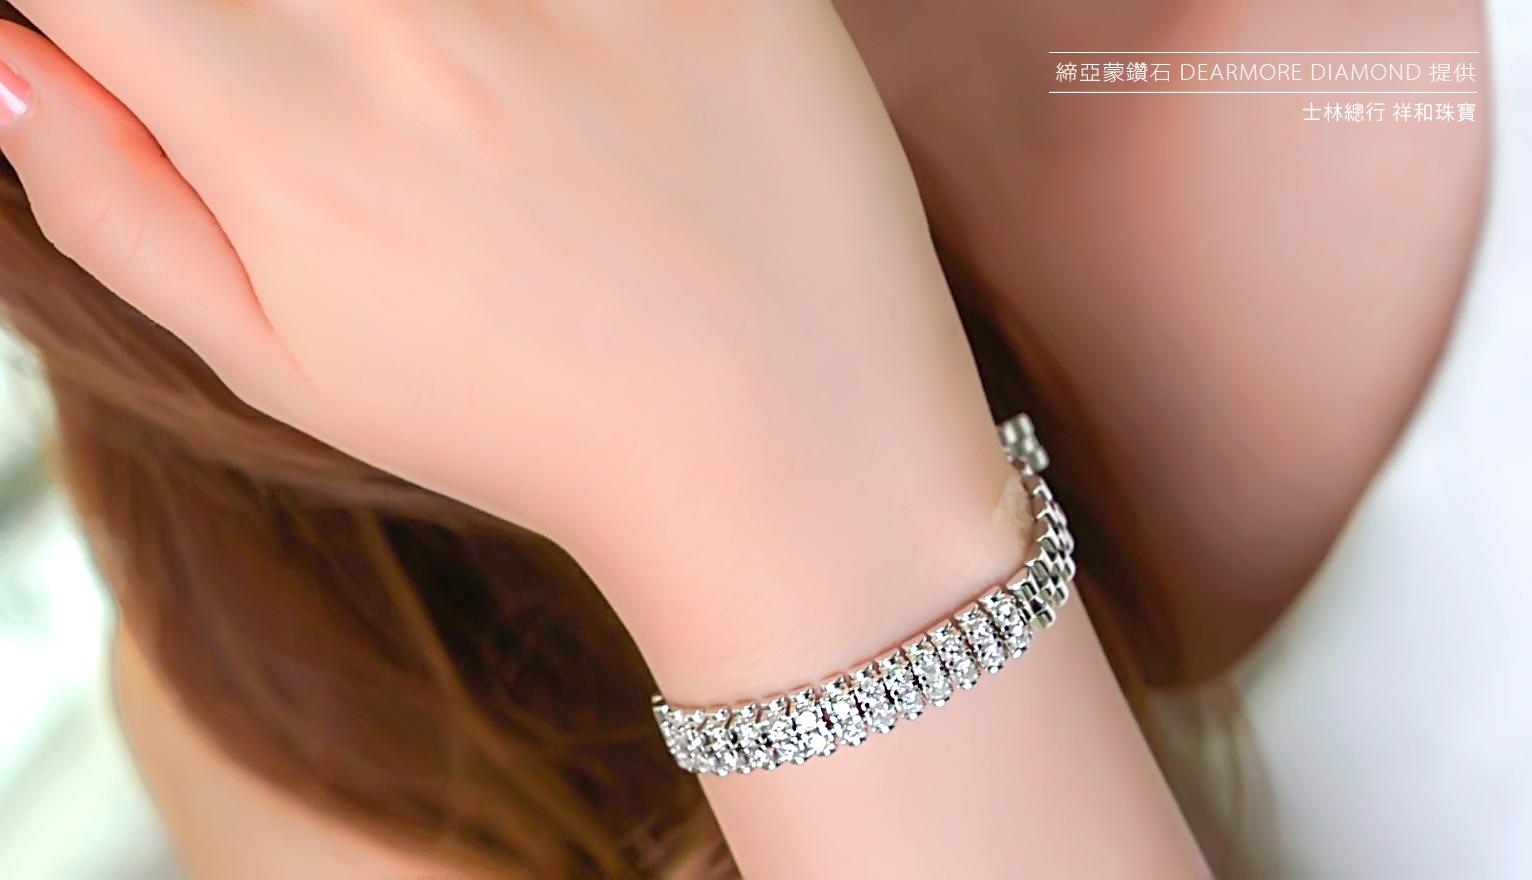 鑽石婚戒,,,,,,, - 台北締亞蒙鑽石 祥和珠寶 作品瀏覽